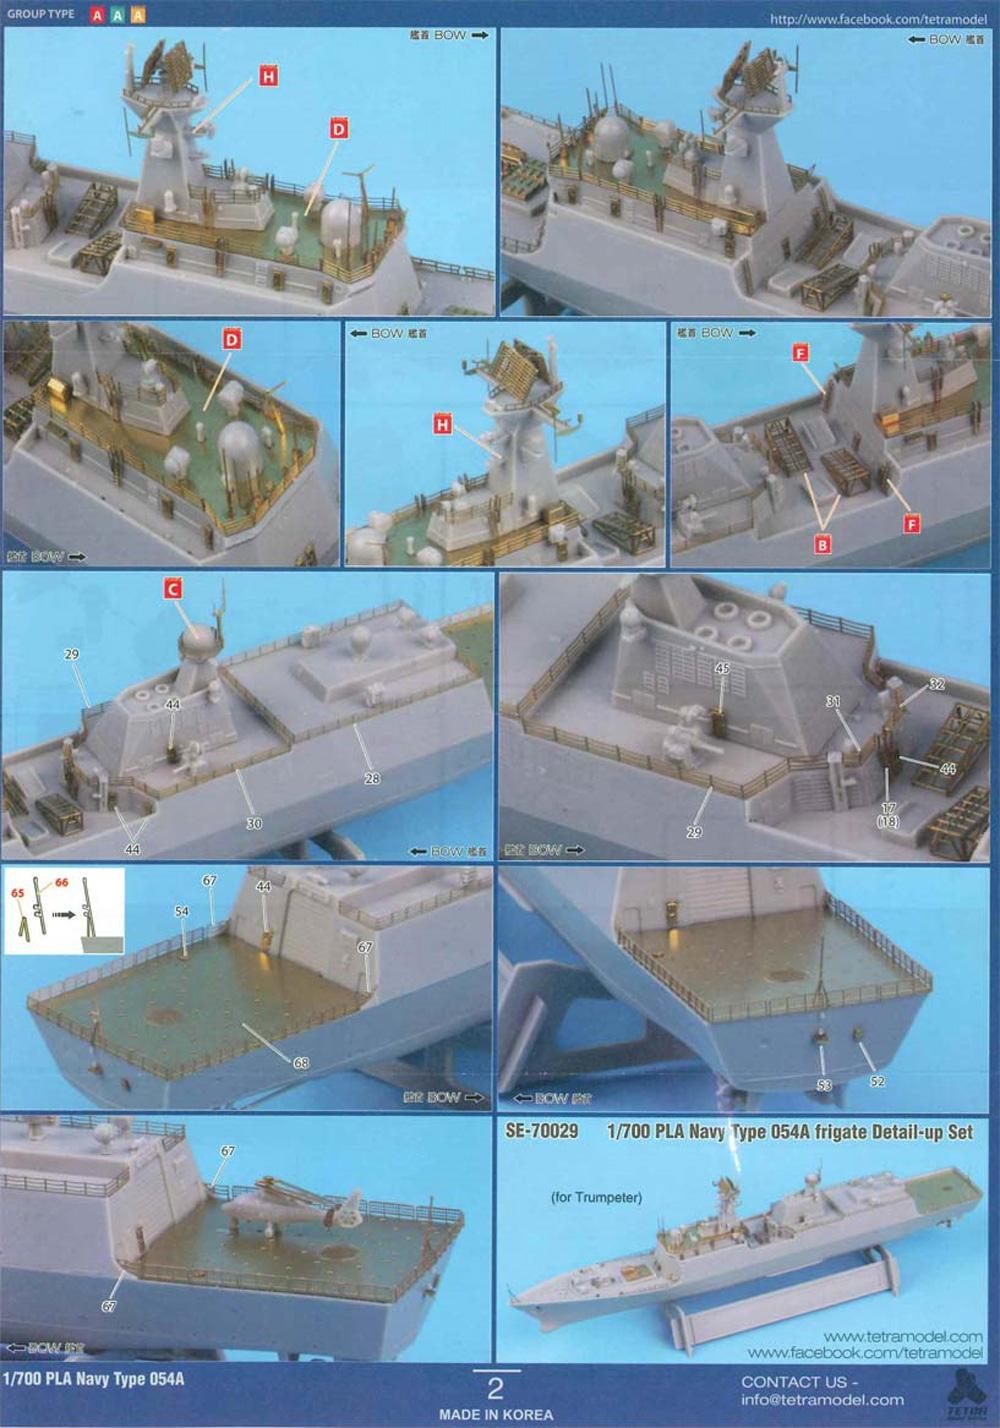 中国海軍 054A型 フリゲート艦 ディテールアップ セット (トランペッター用)エッチング(テトラモデルワークス艦船 エッチングパーツNo.SE-70029)商品画像_3